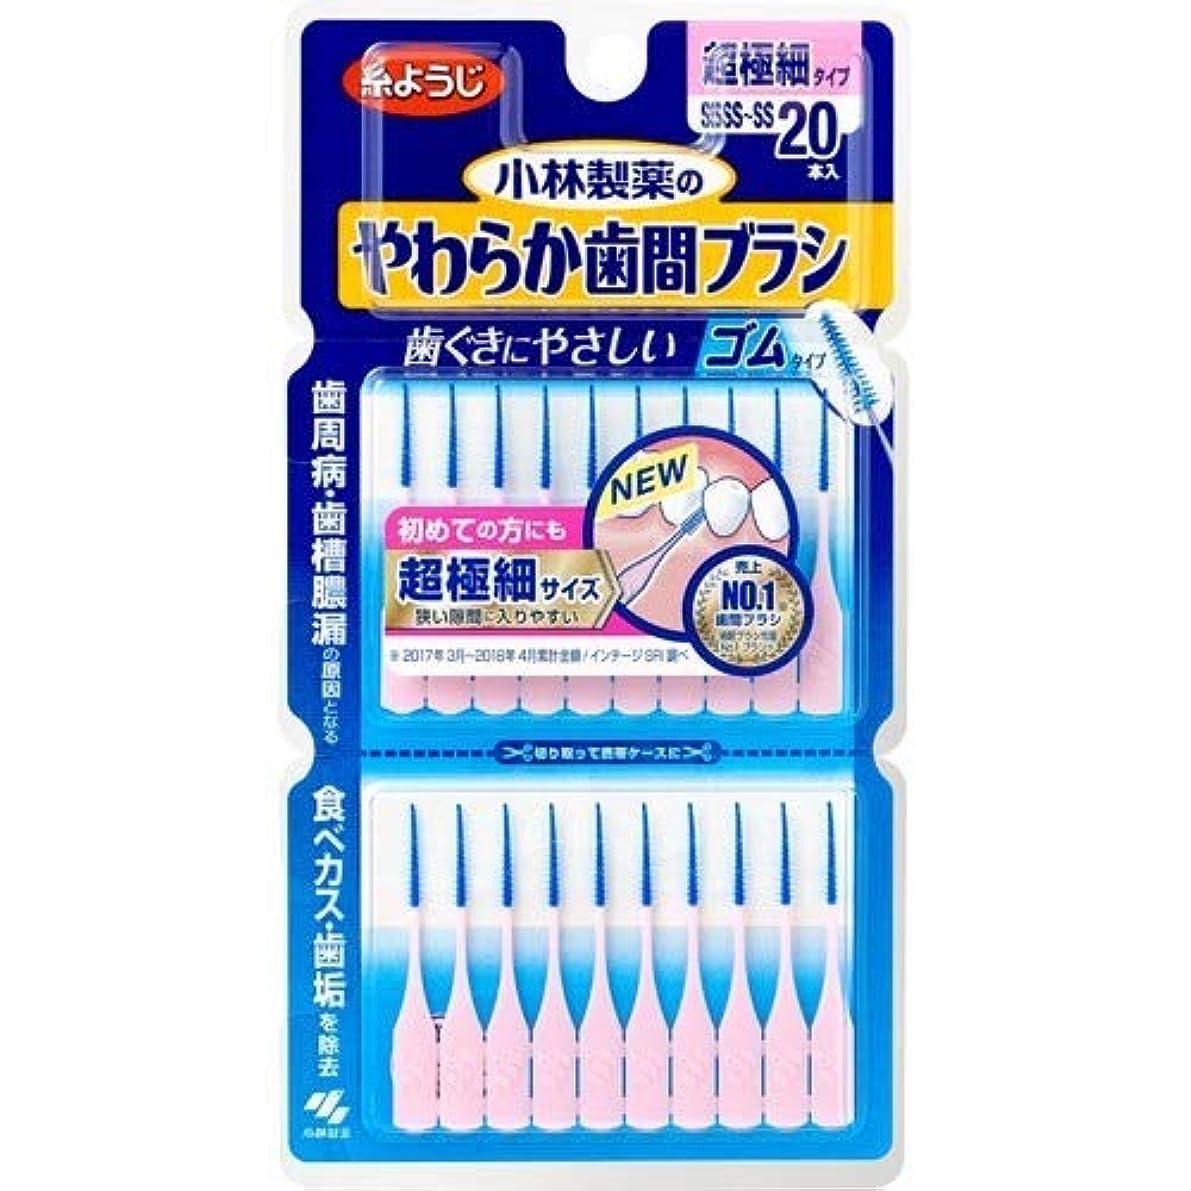 急流抹消パブ小林製薬 やわらか歯間ブラシ SSSS~SSサイズ 20本入 超極細ゴムタイプ